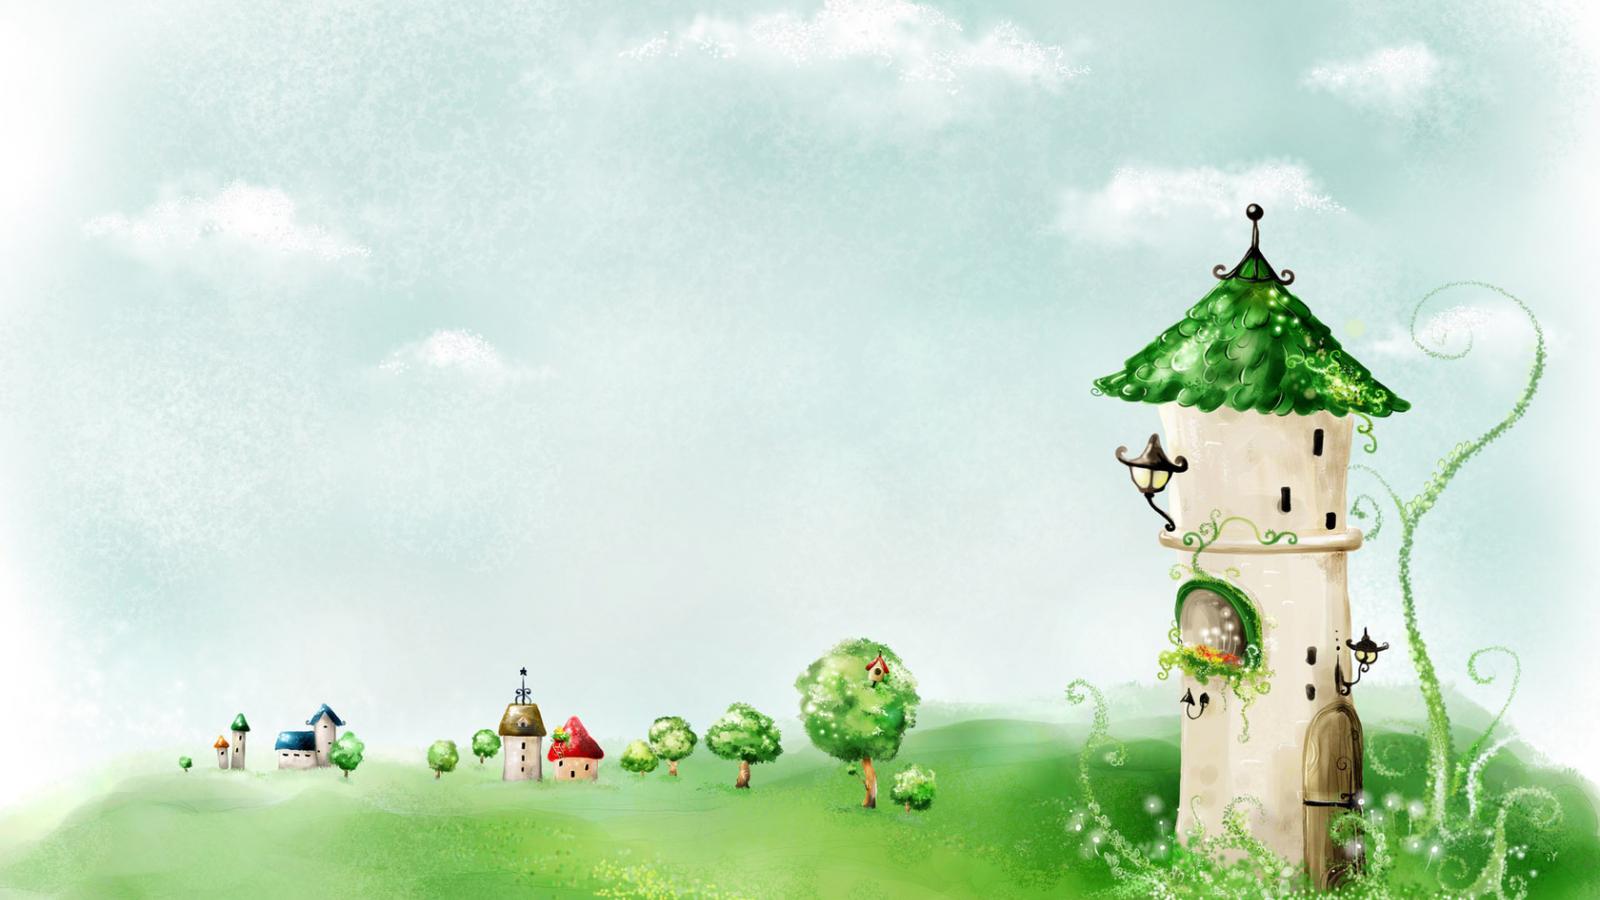 1680x1050px fairy tales wallpaper - wallpapersafari